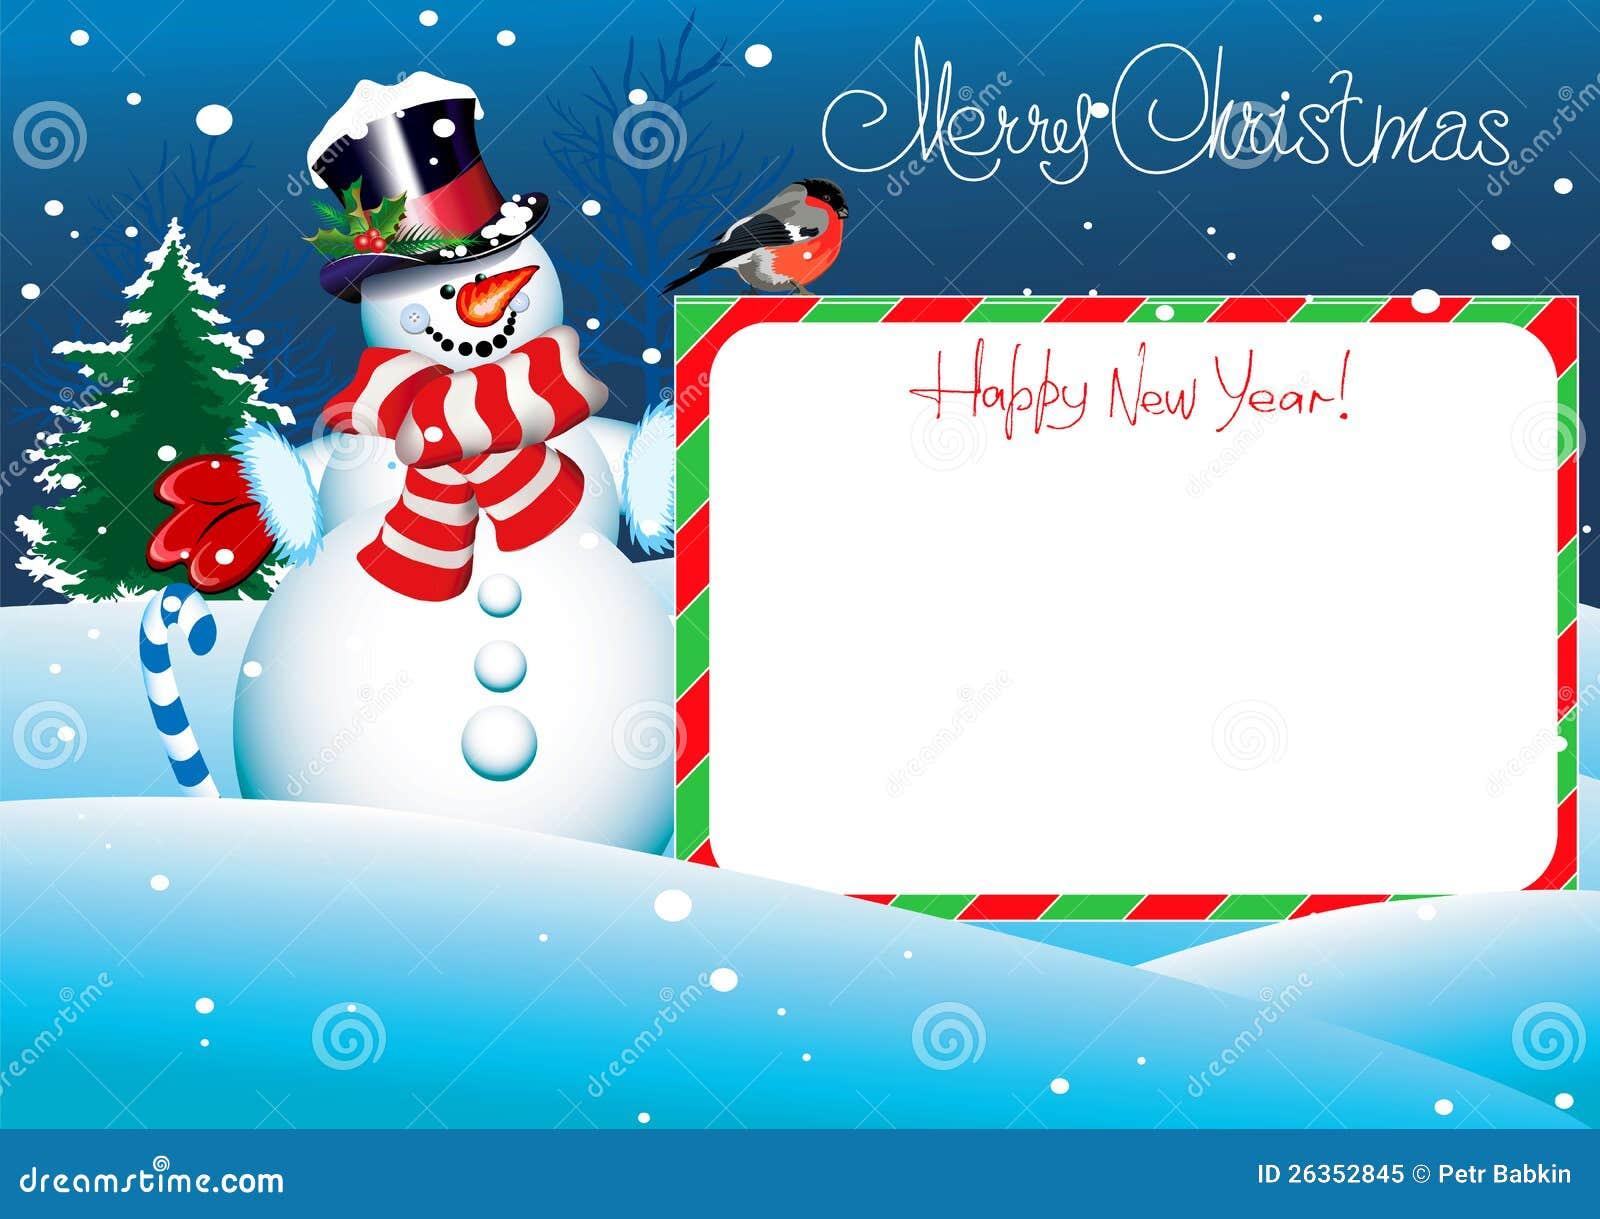 Weihnachtskarte. Beschriftung der frohen Weihnachten für Ihr